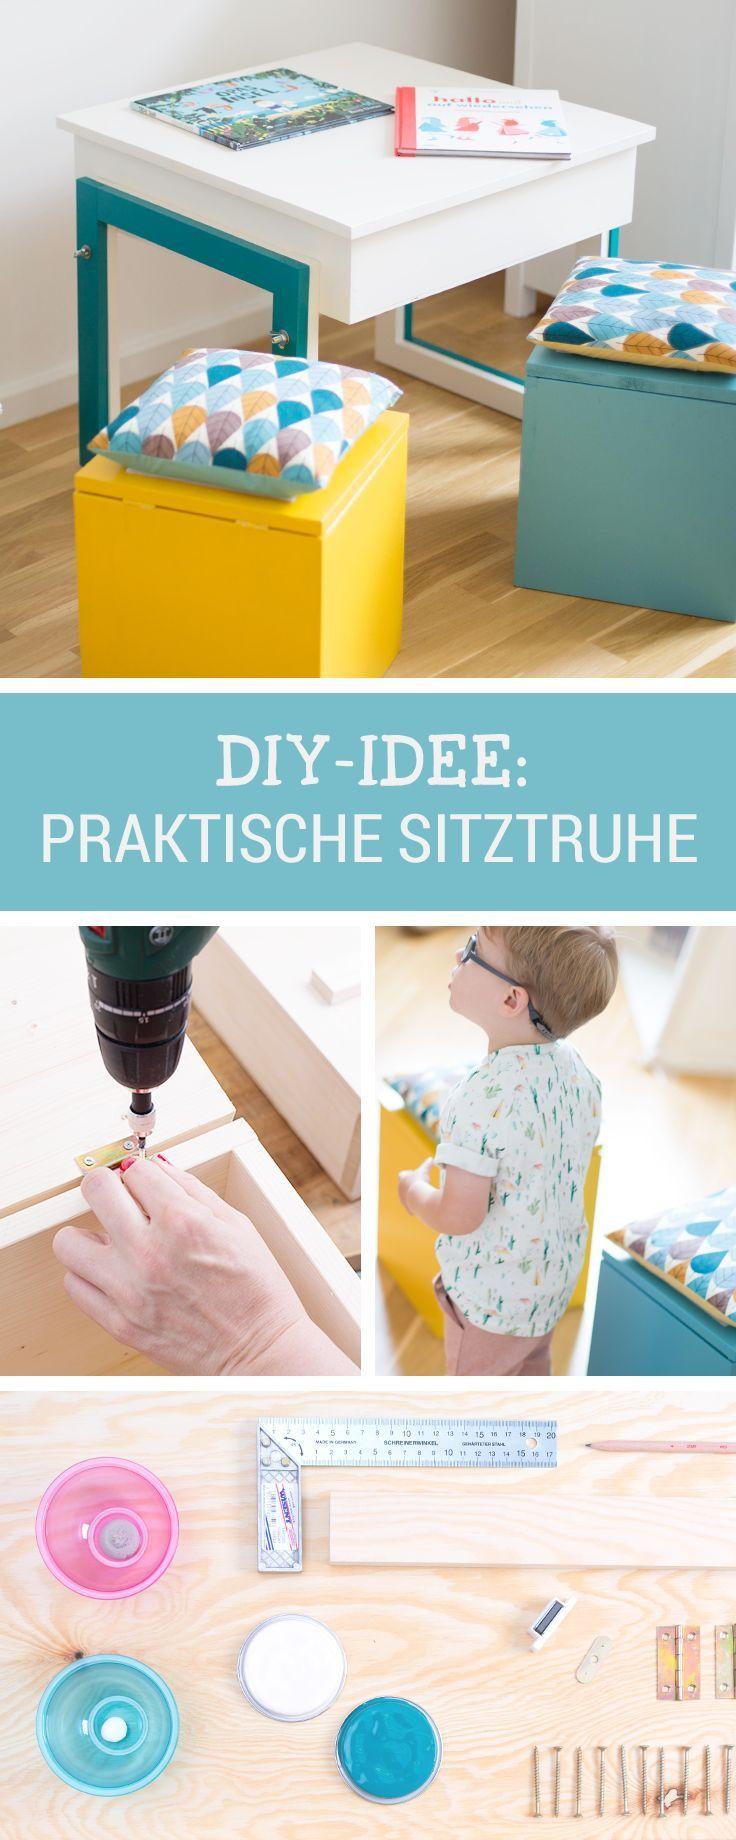 DIY Anleitung: Kleine Sitztruhen Für Kinder Selber Bauen Via DaWanda.com